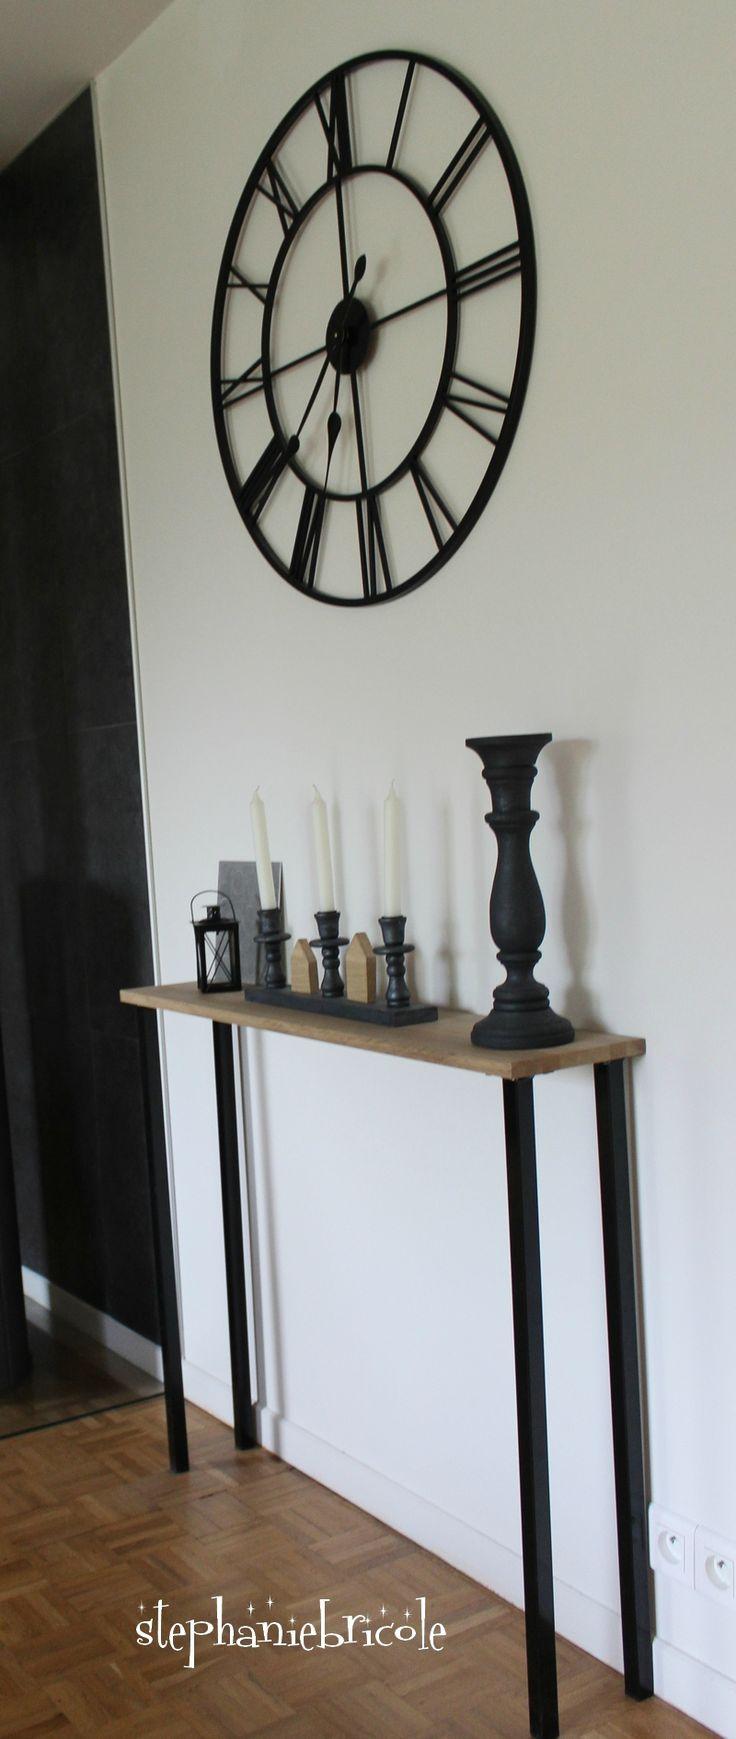 les 25 meilleures id es de la cat gorie console industriel. Black Bedroom Furniture Sets. Home Design Ideas